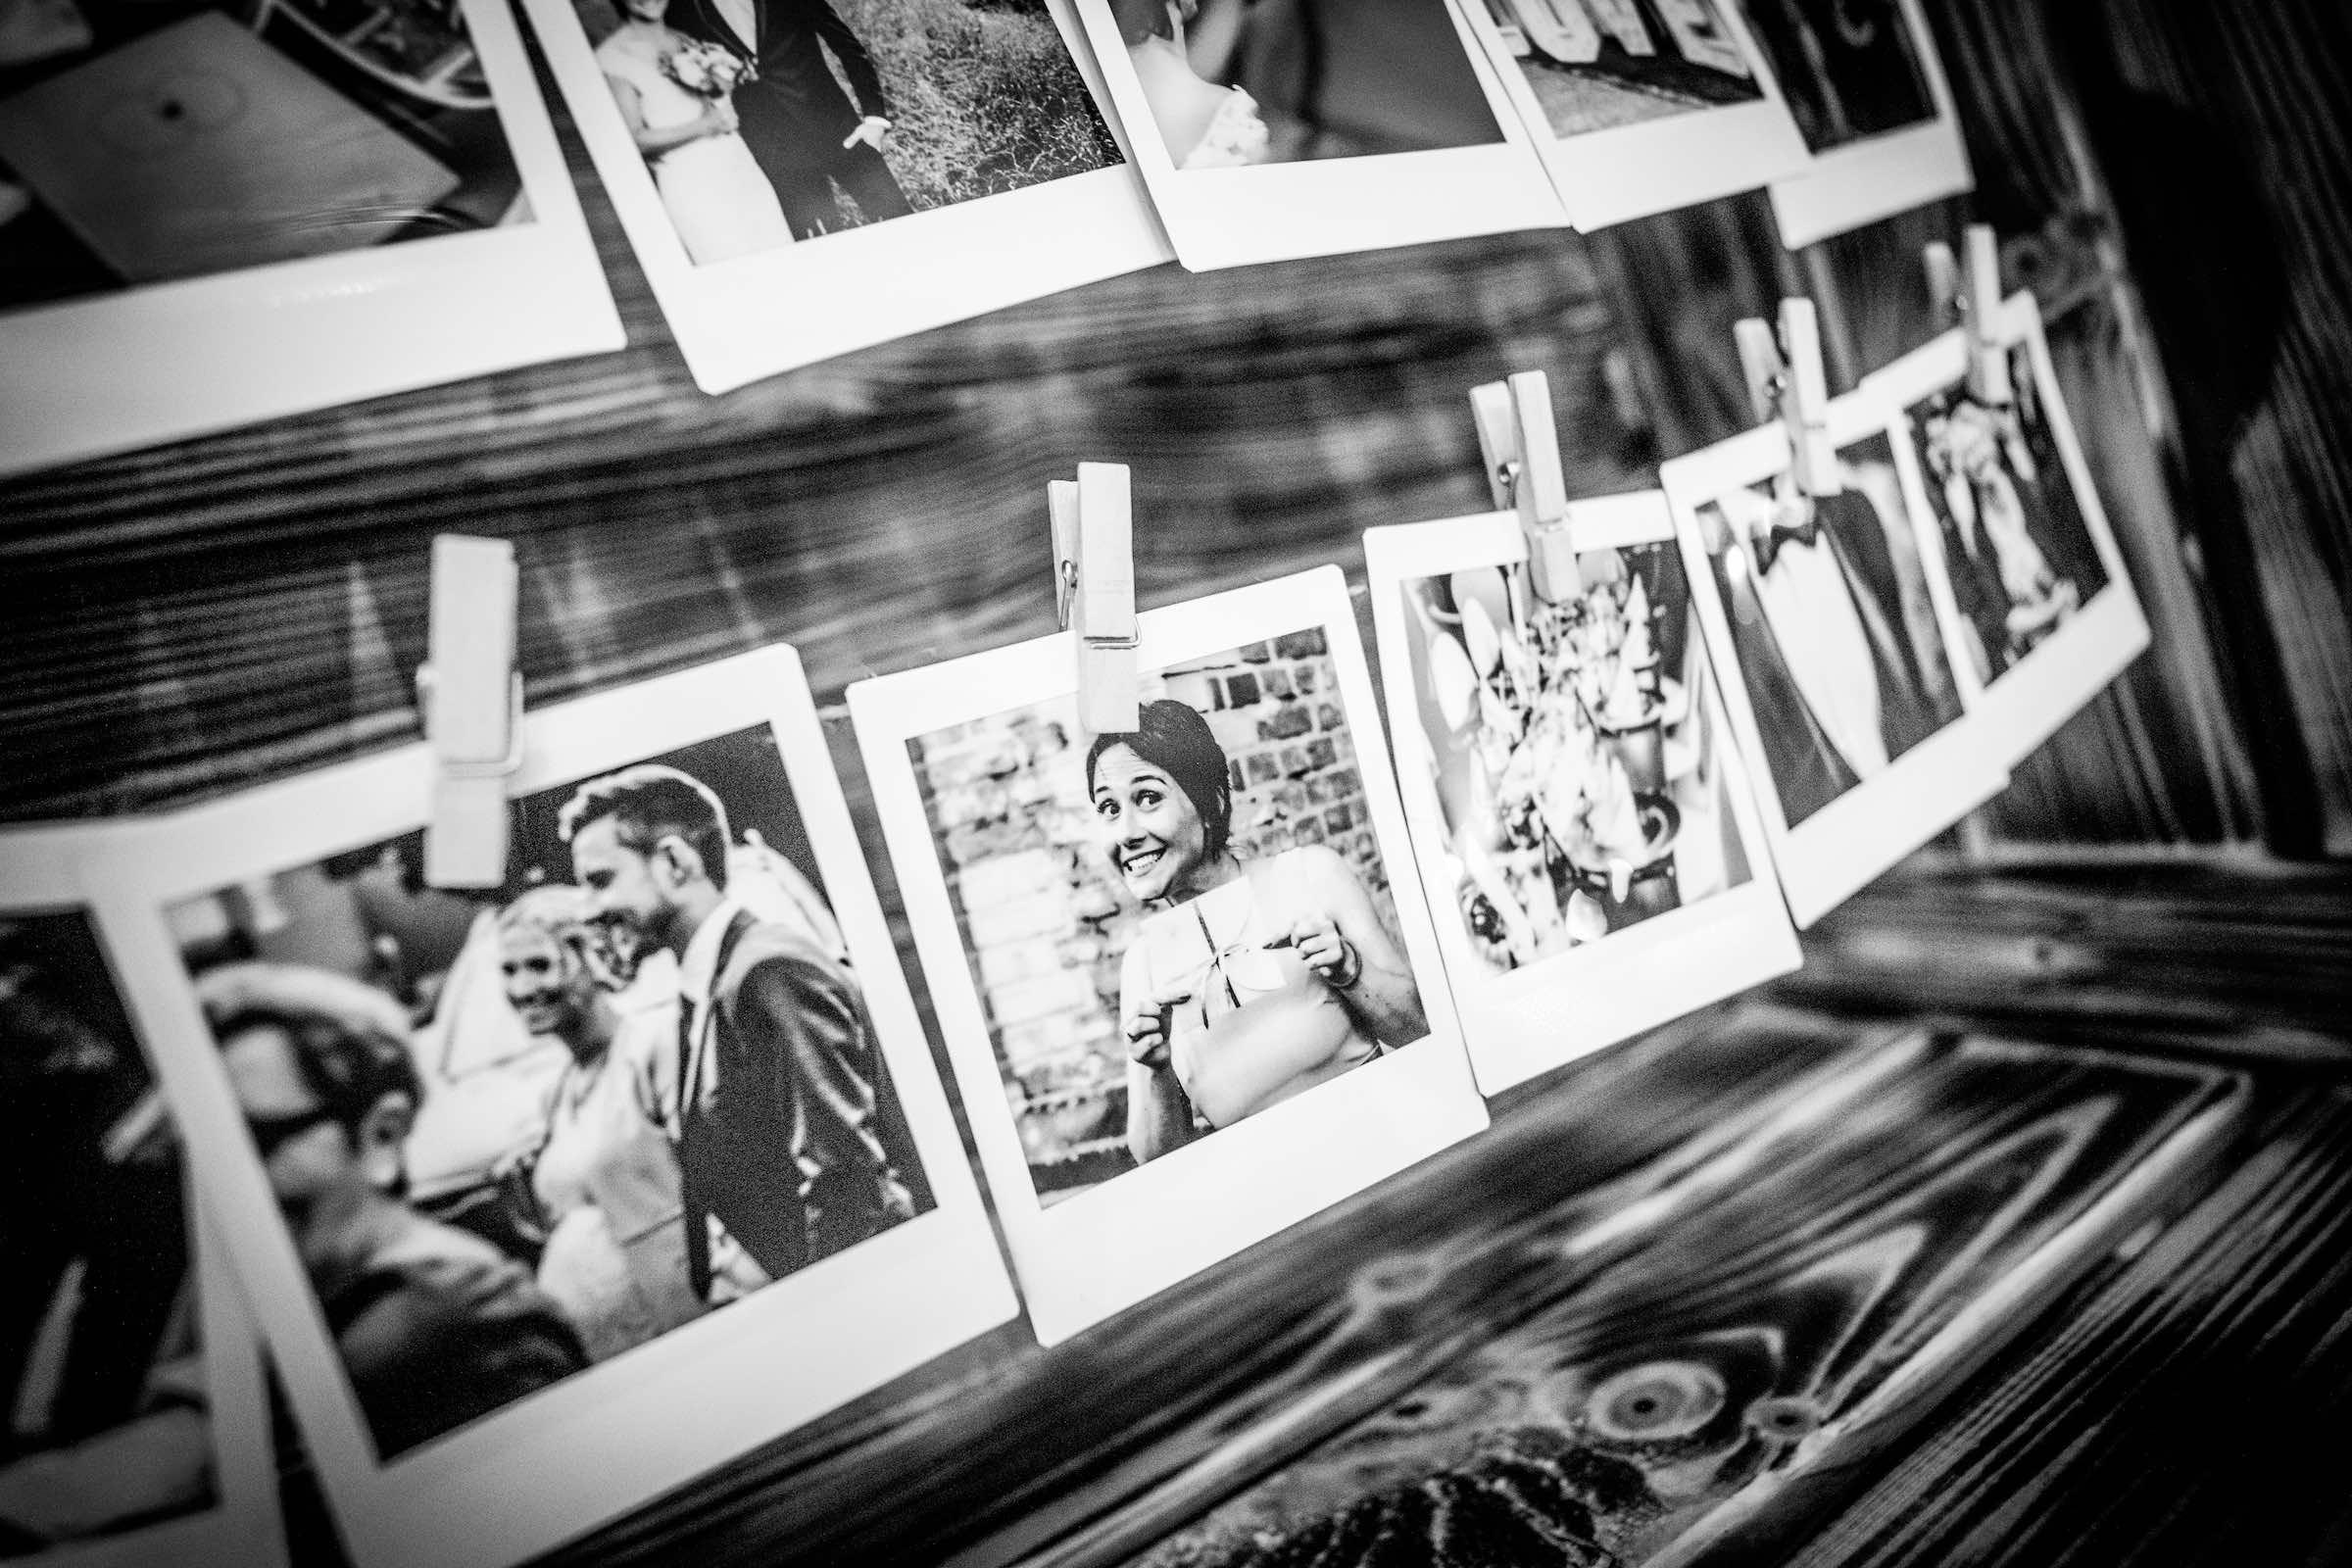 Polaroid | Kamera | Hochzeit | Polaroid | Kamera | Set | Polaroid | Bundle | Koffer | Mieten | Anfragen | Buchen | Hochzeit | Event | Sofortbildkamera | Versand | Lieferung | Knipsel